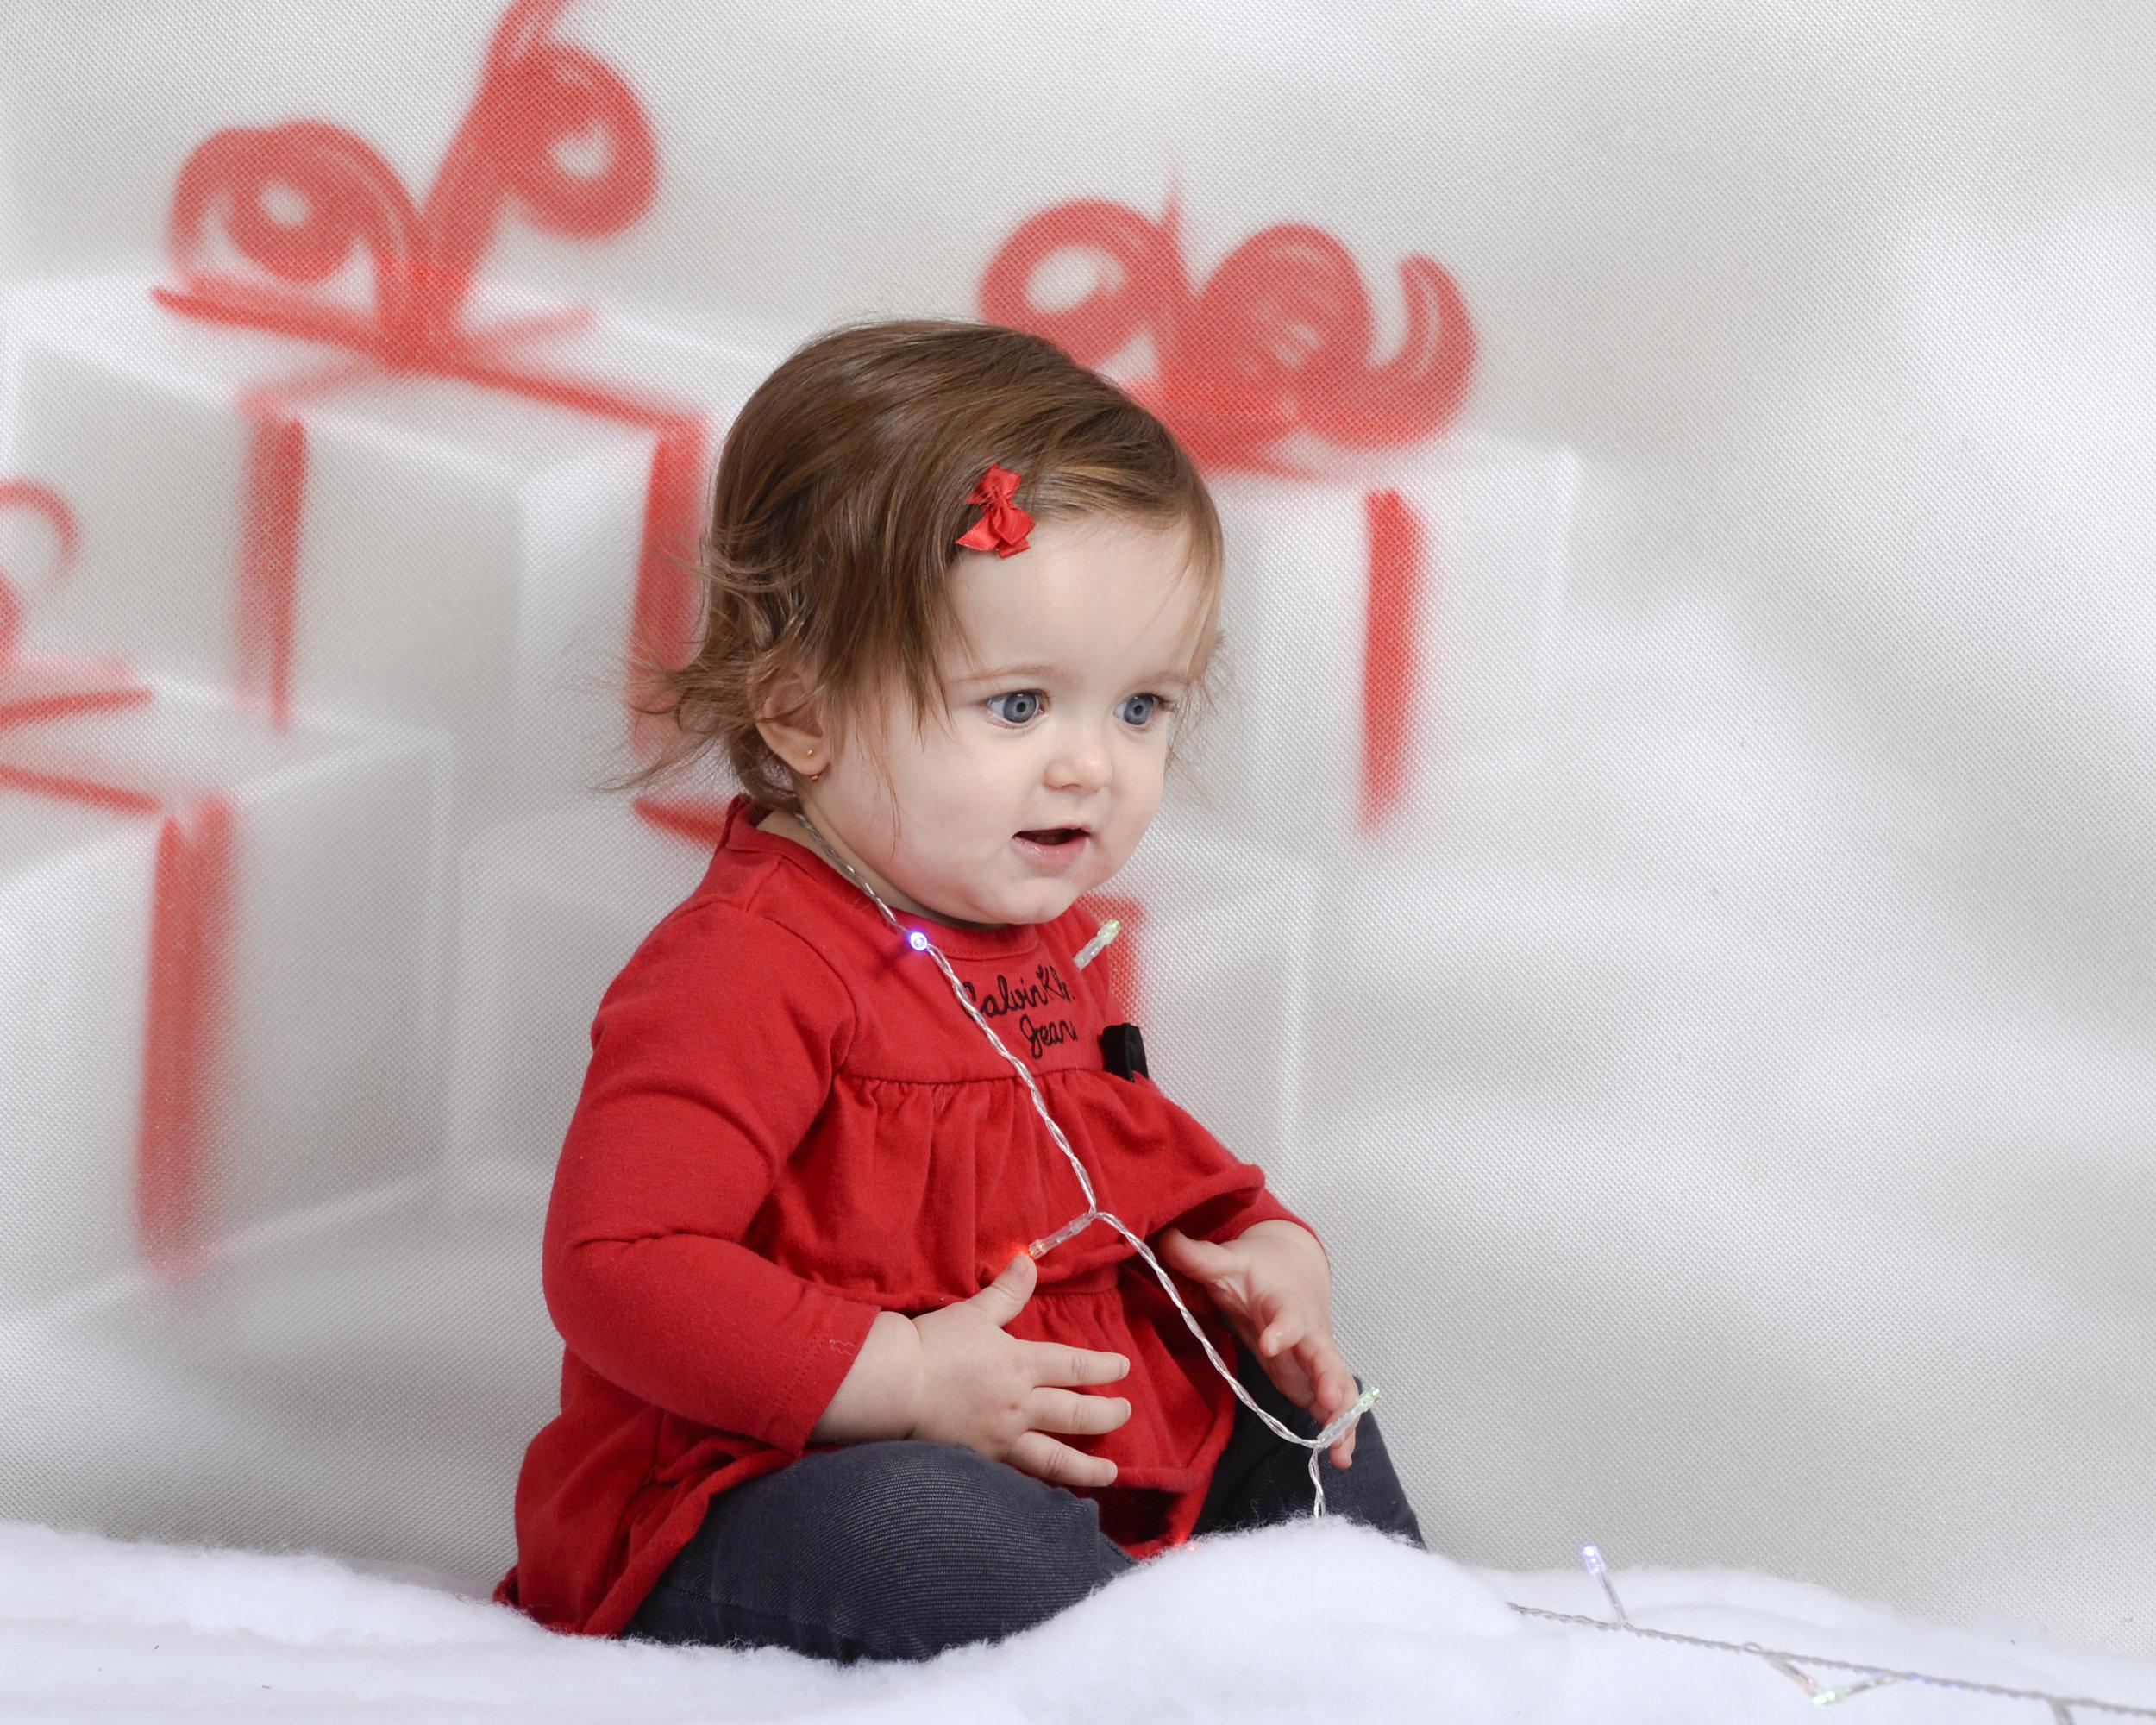 Cosentino Studio children and tween photography